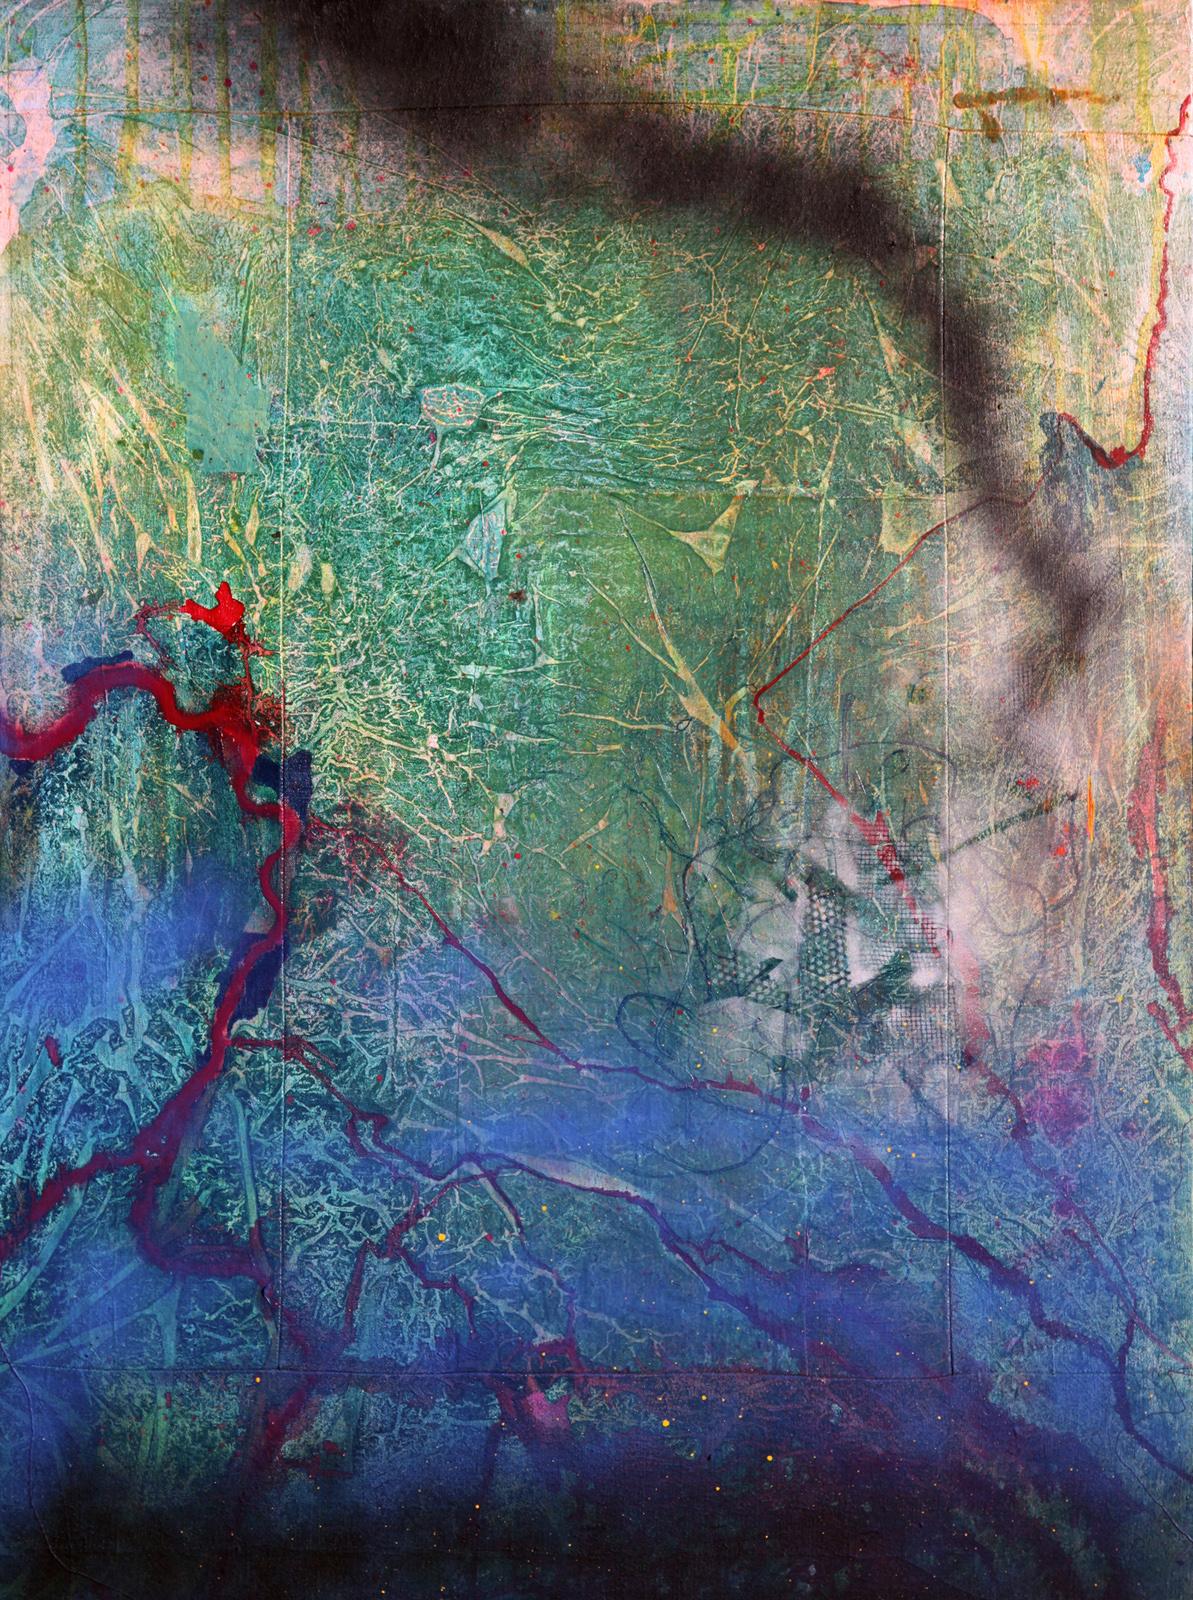 Aaron Morse | Mata Atlantica, 2012